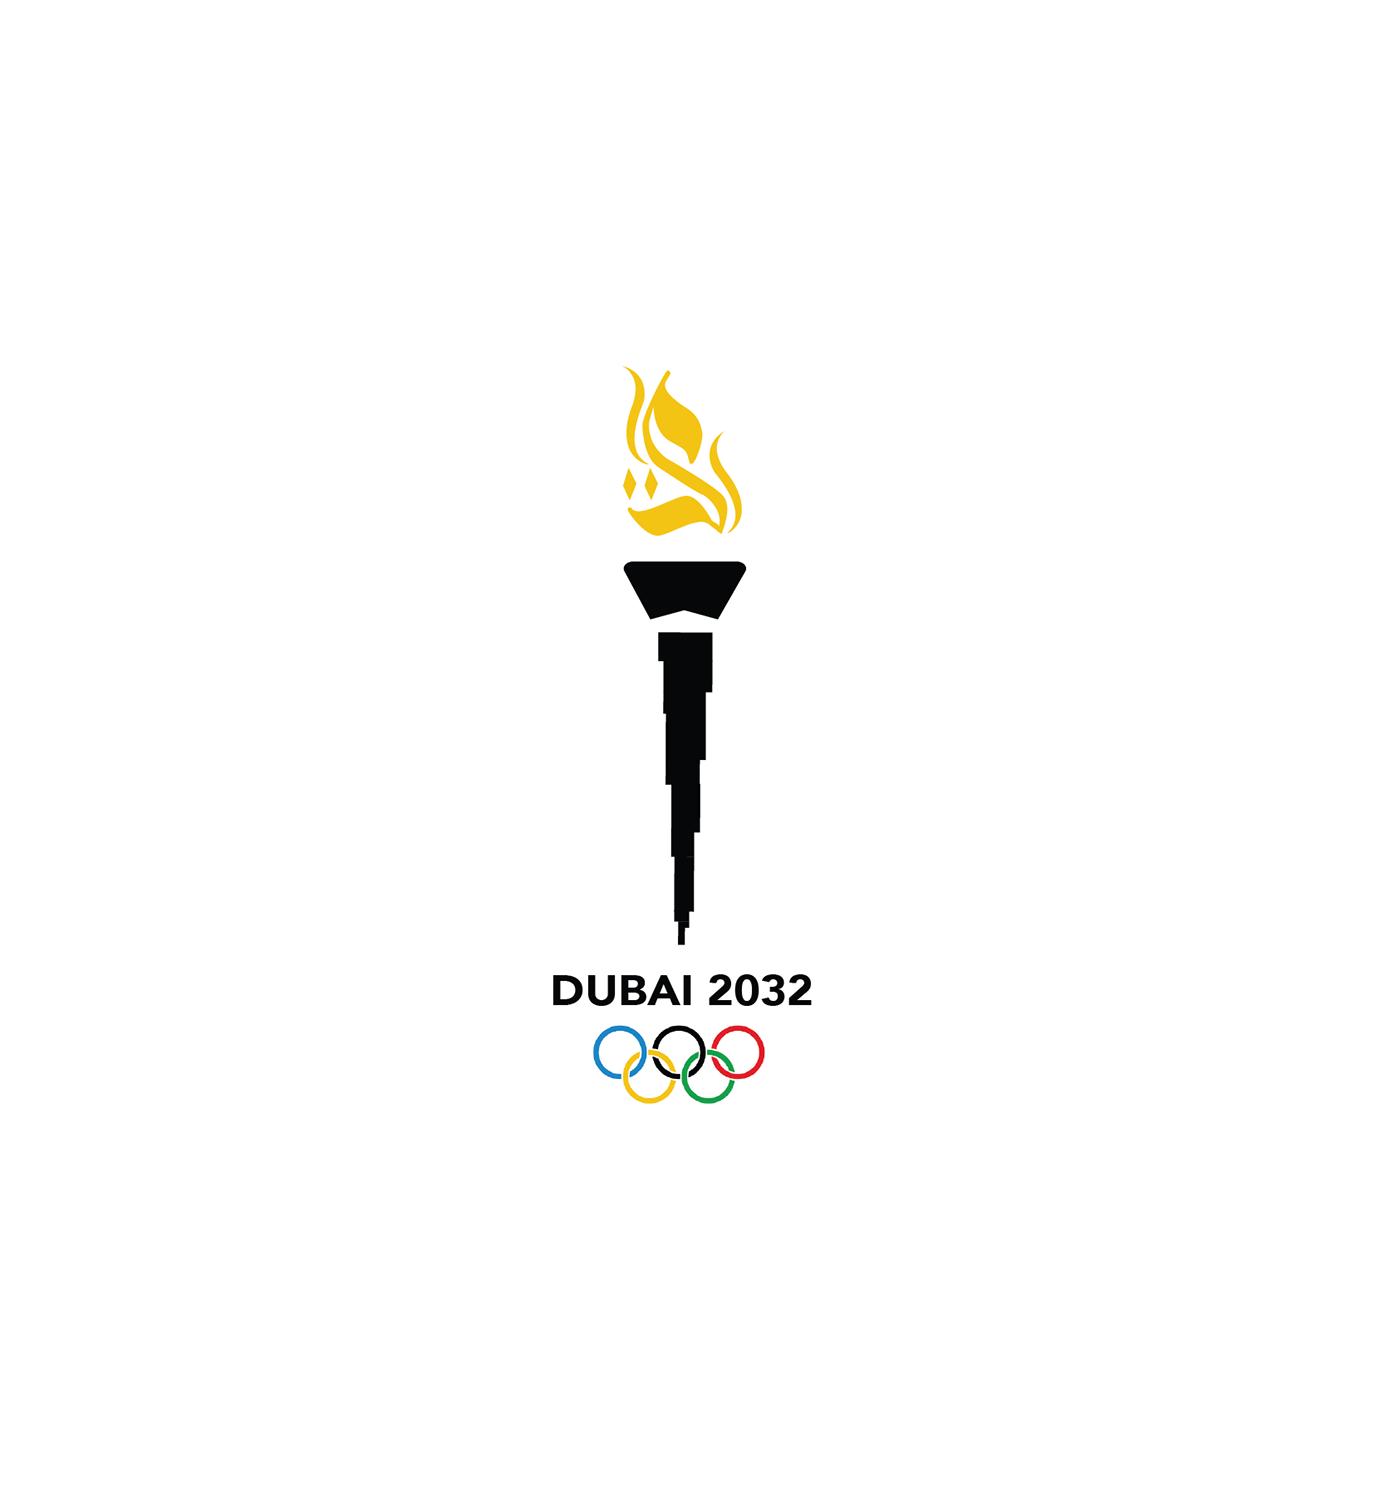 Dubai 2032 Olympics on Behance